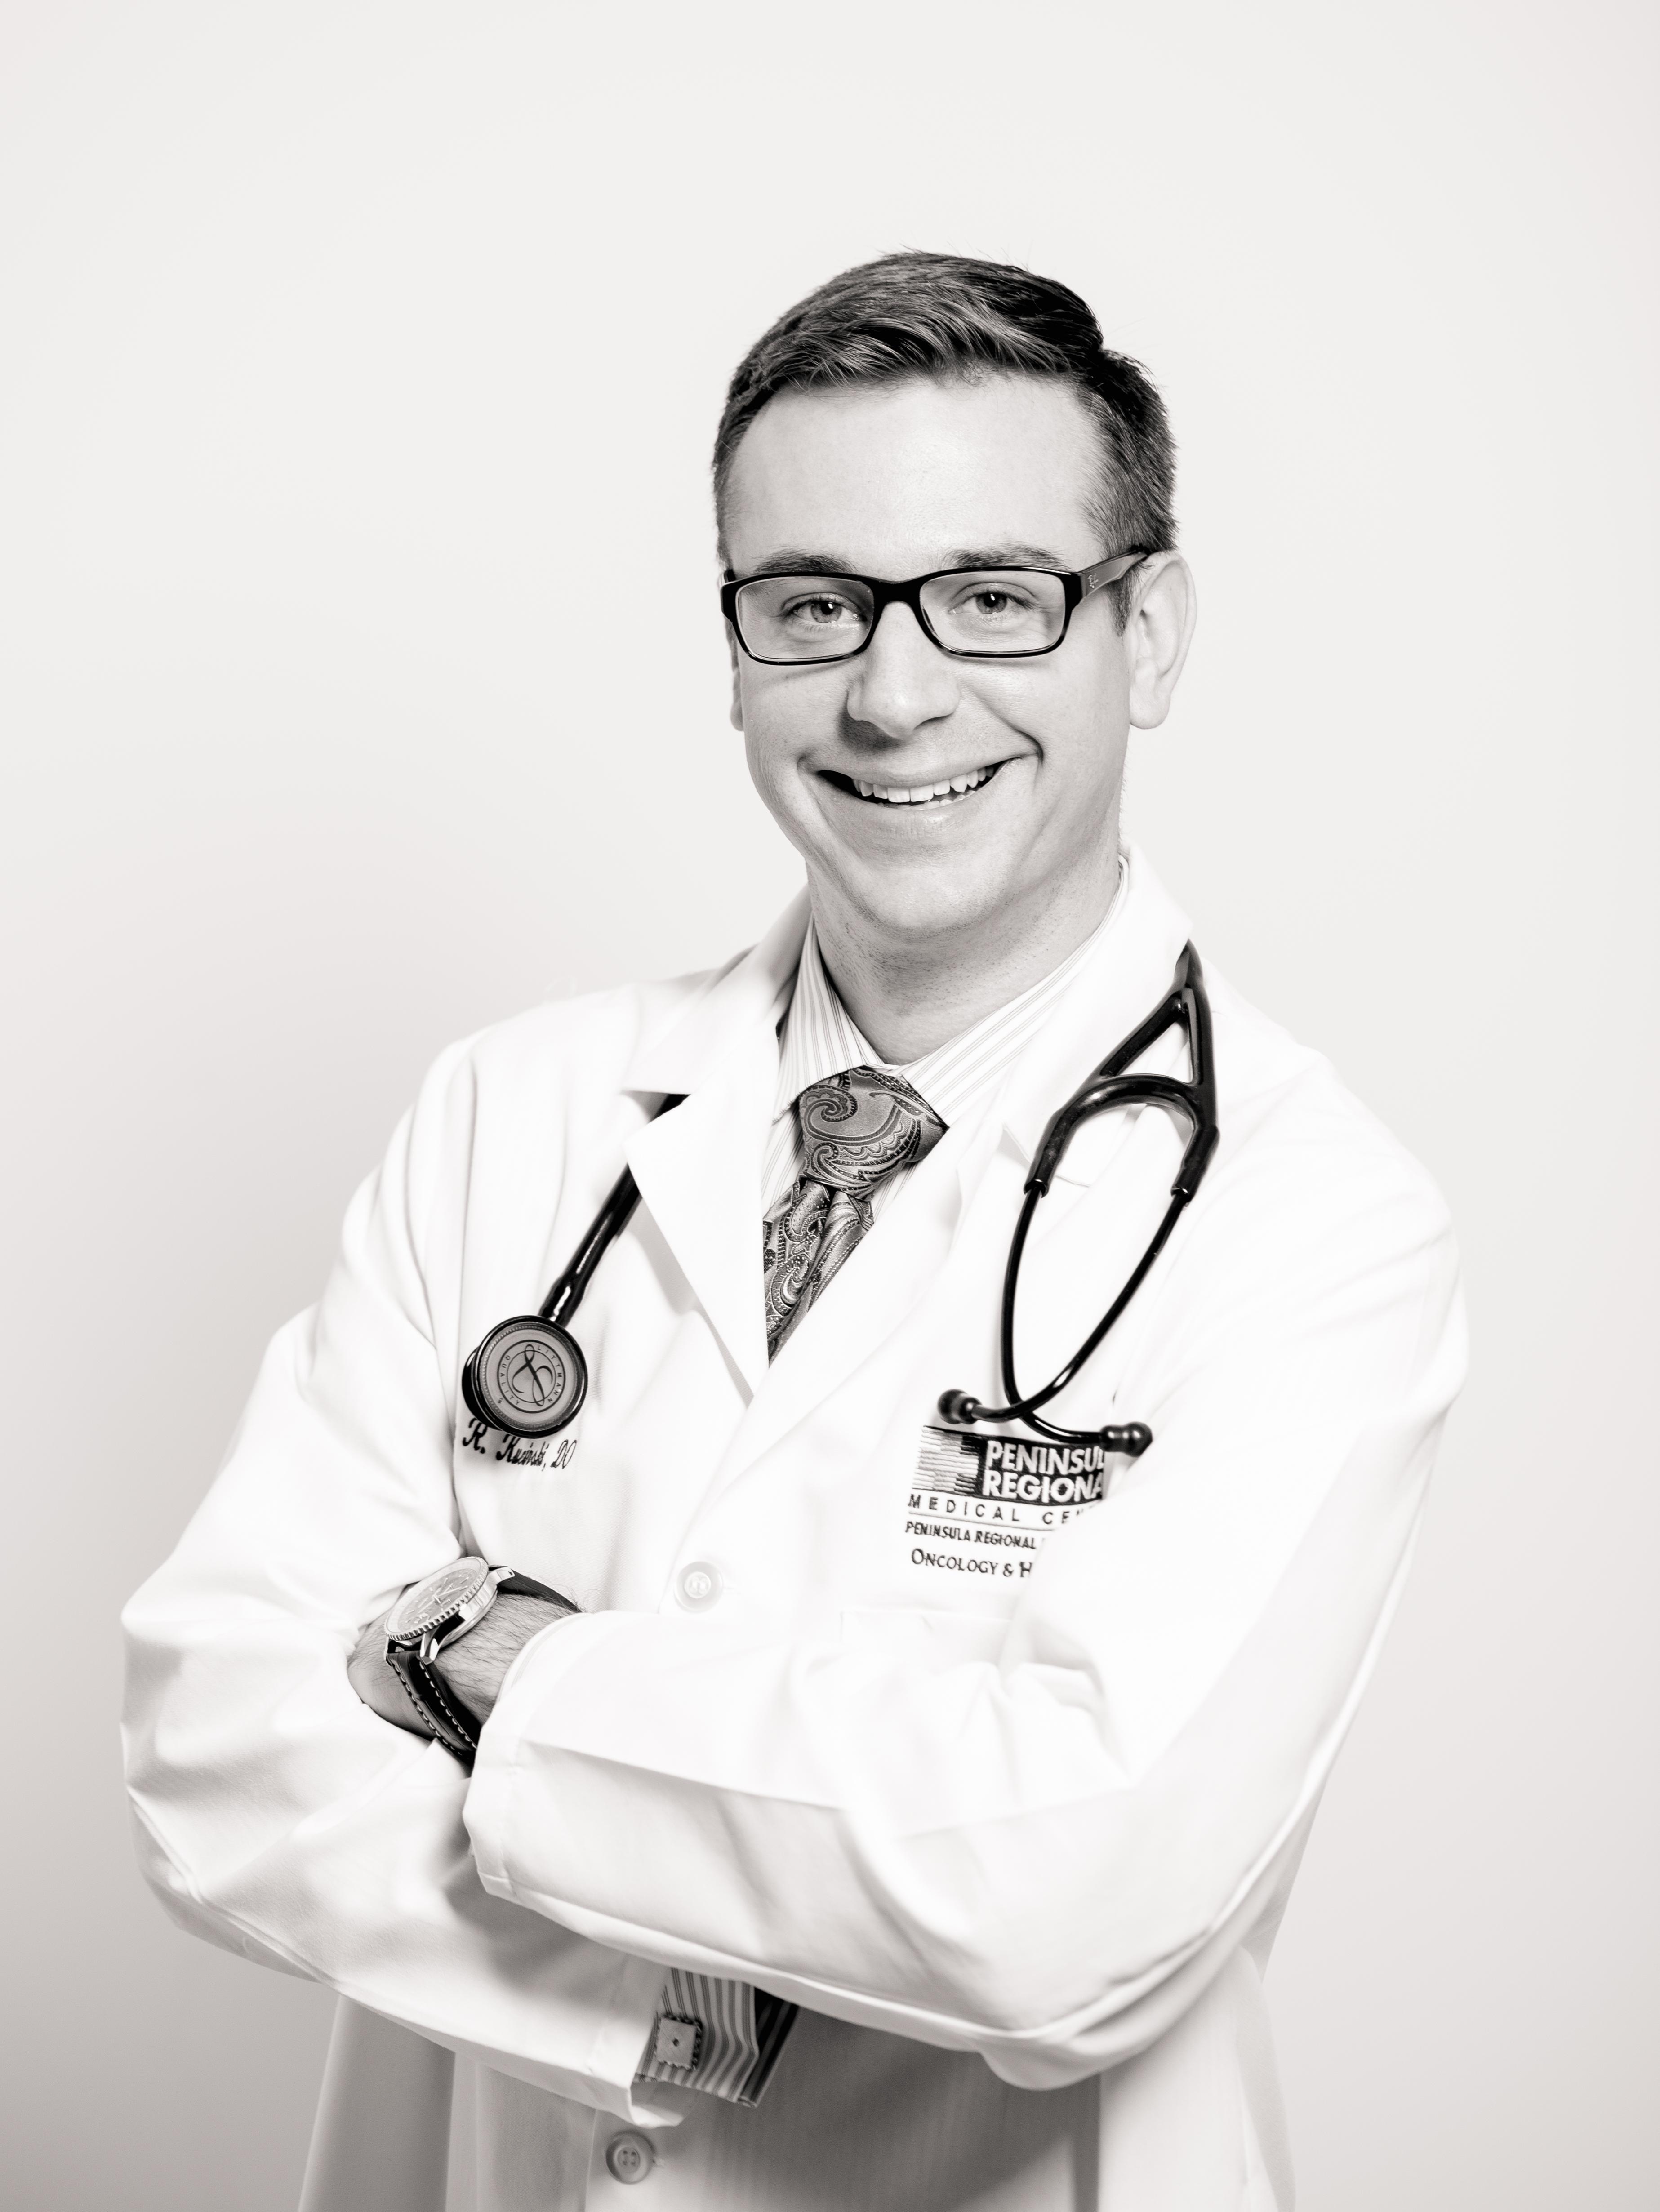 Justin Kucinski